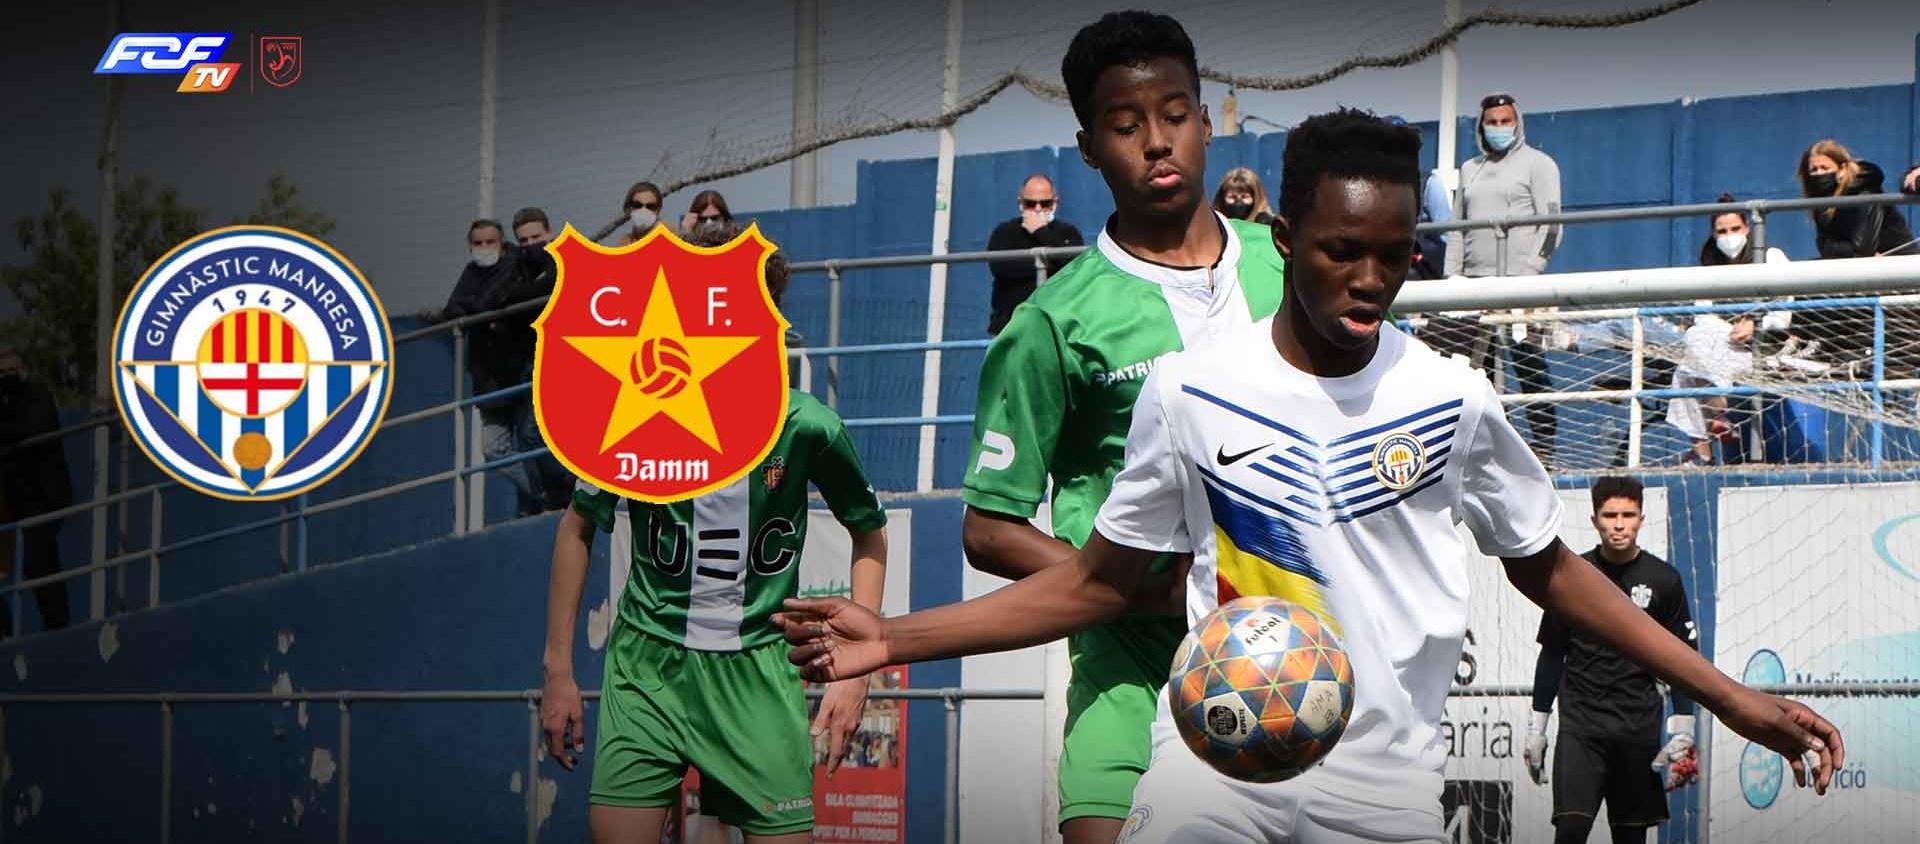 El Gimnàstic Manresa - CF Damm de la Divisió d'Honor Infantil, a l'FCF TV